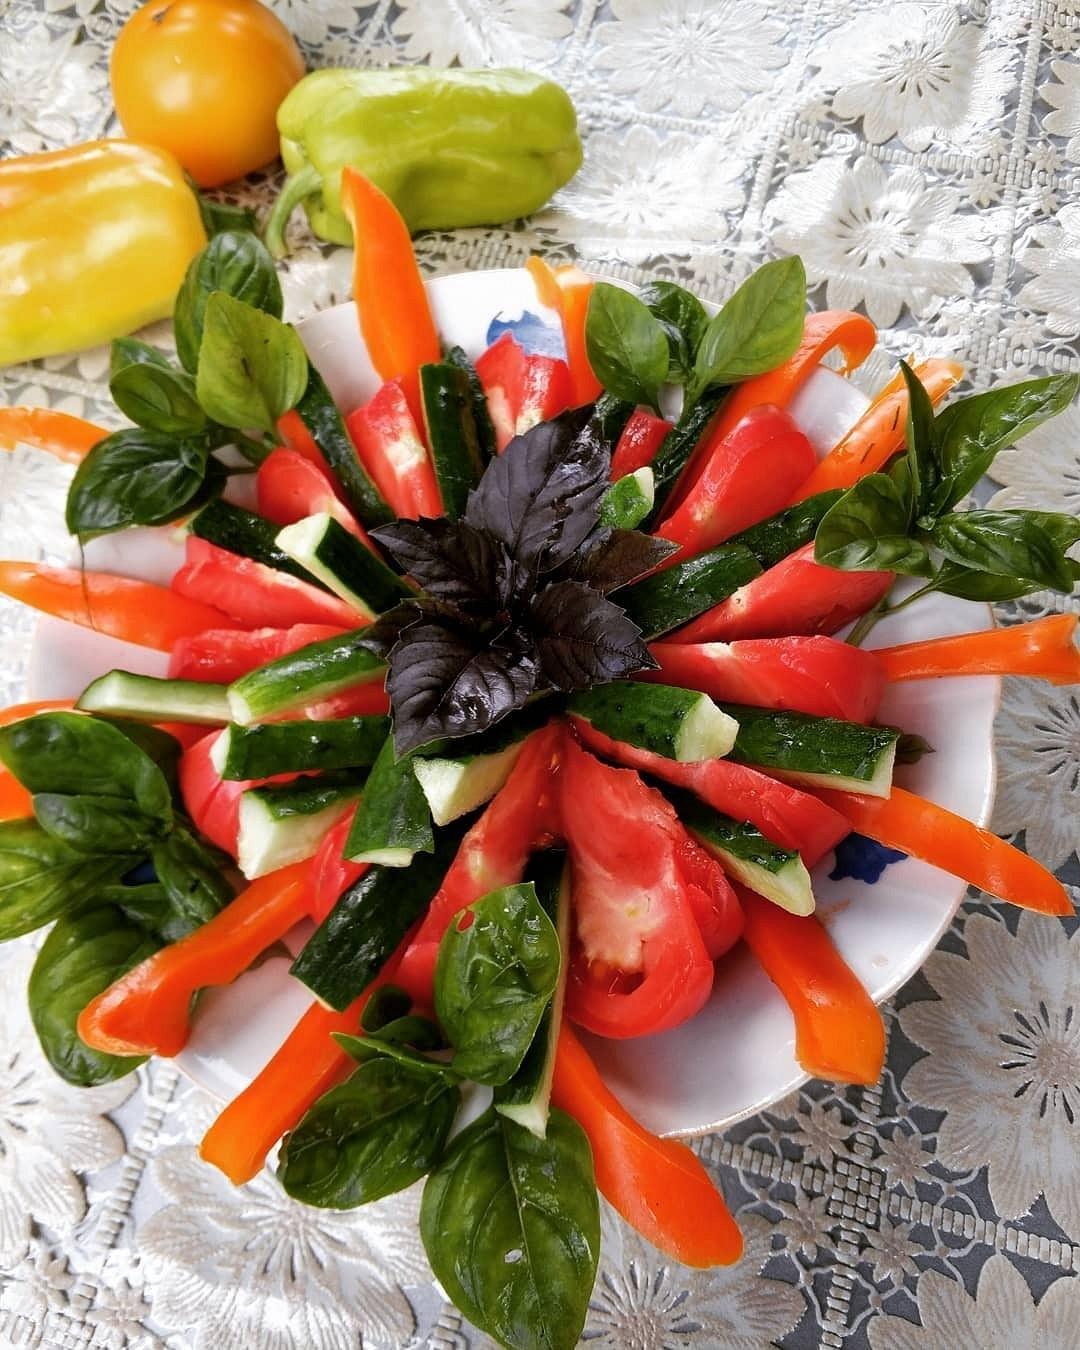 наталья показала украшения на блюда из овощей с фото только